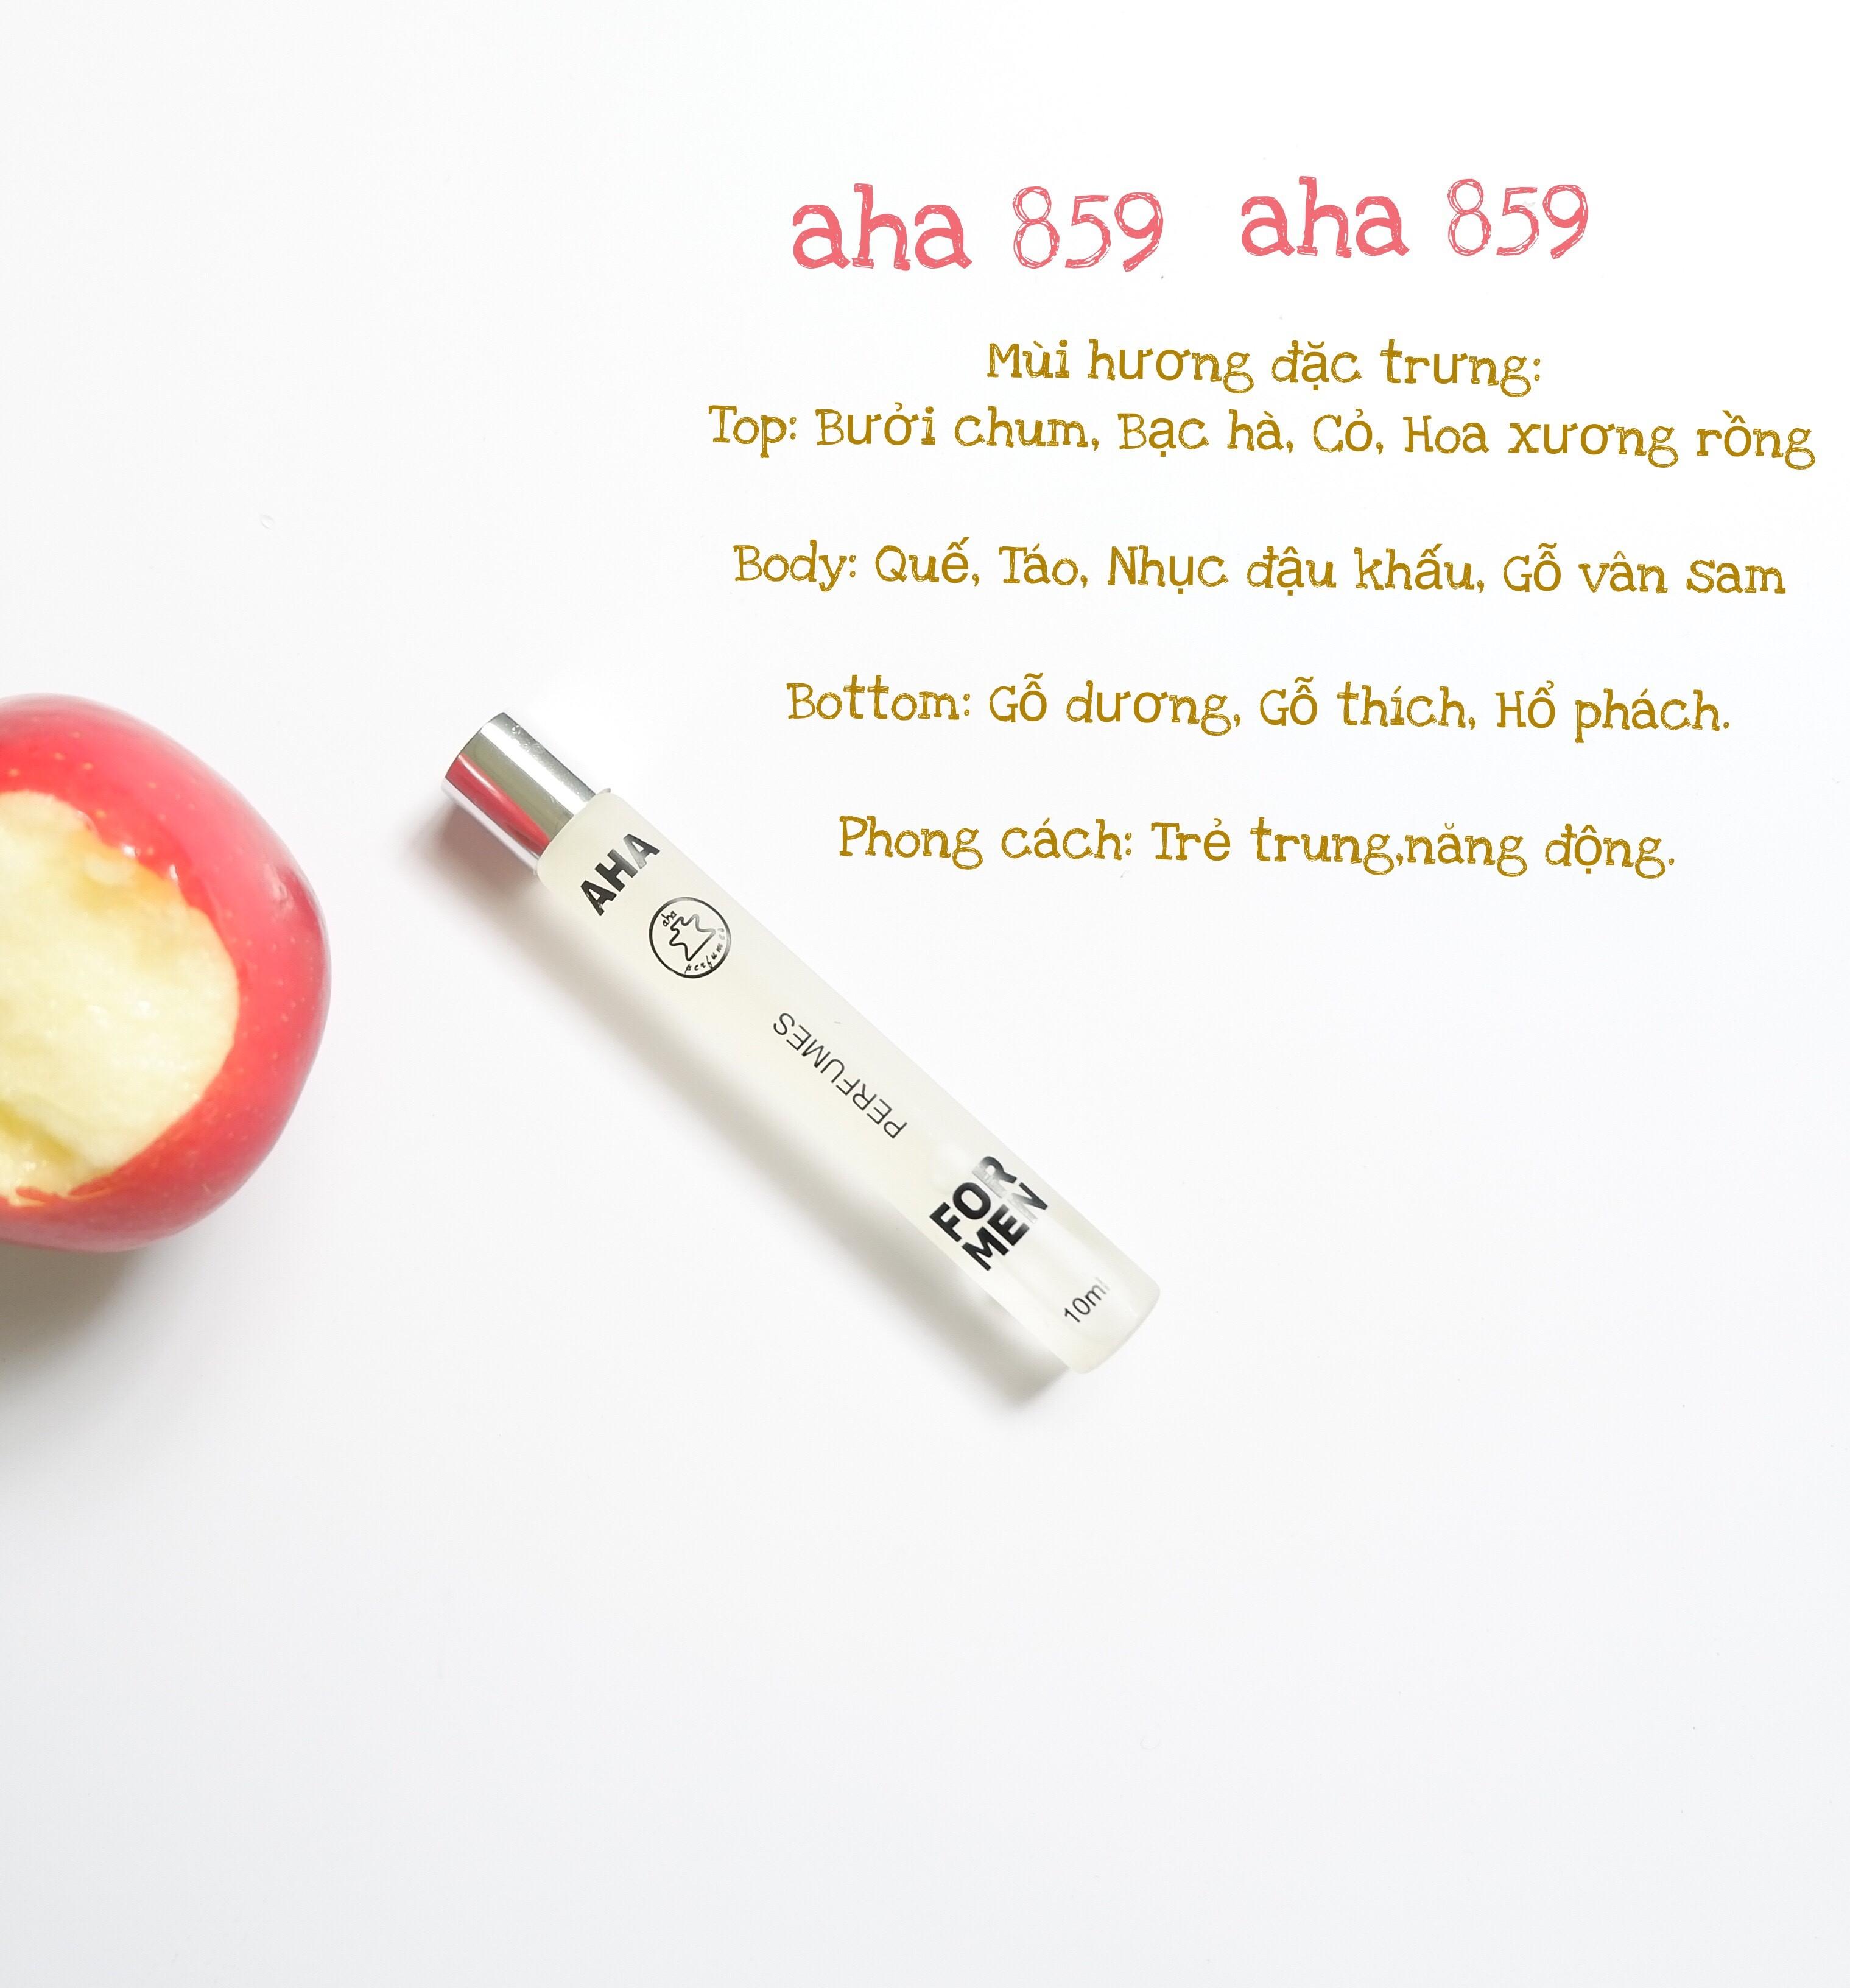 Nước Hoa Nam Aha 859 - 10ml